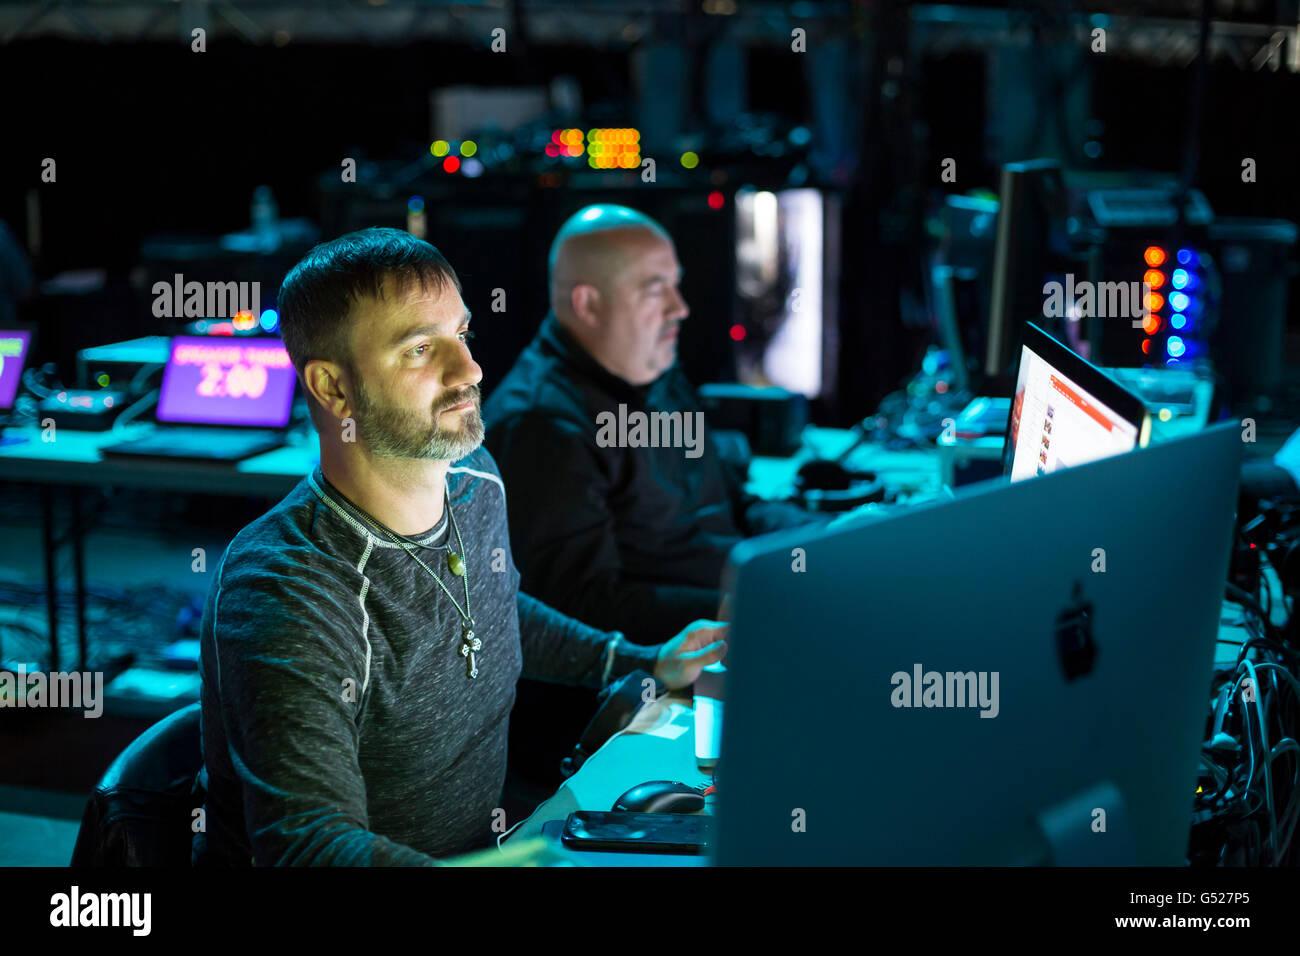 Detroit, Michigan - Arbeiter betreiben Audio- und visuelle Ausrüstung hinter den Kulissen auf dem Jahreskongress Stockbild